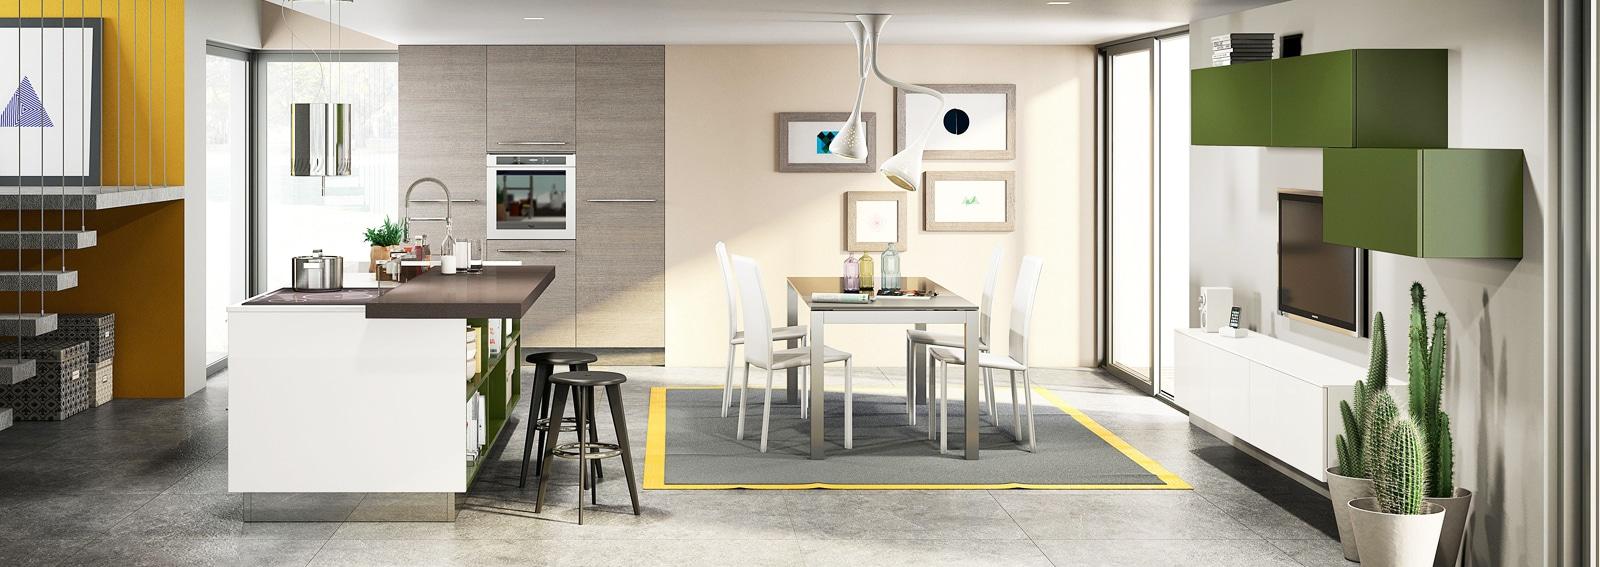 cover berloni le cucine moderne piu belle desktop